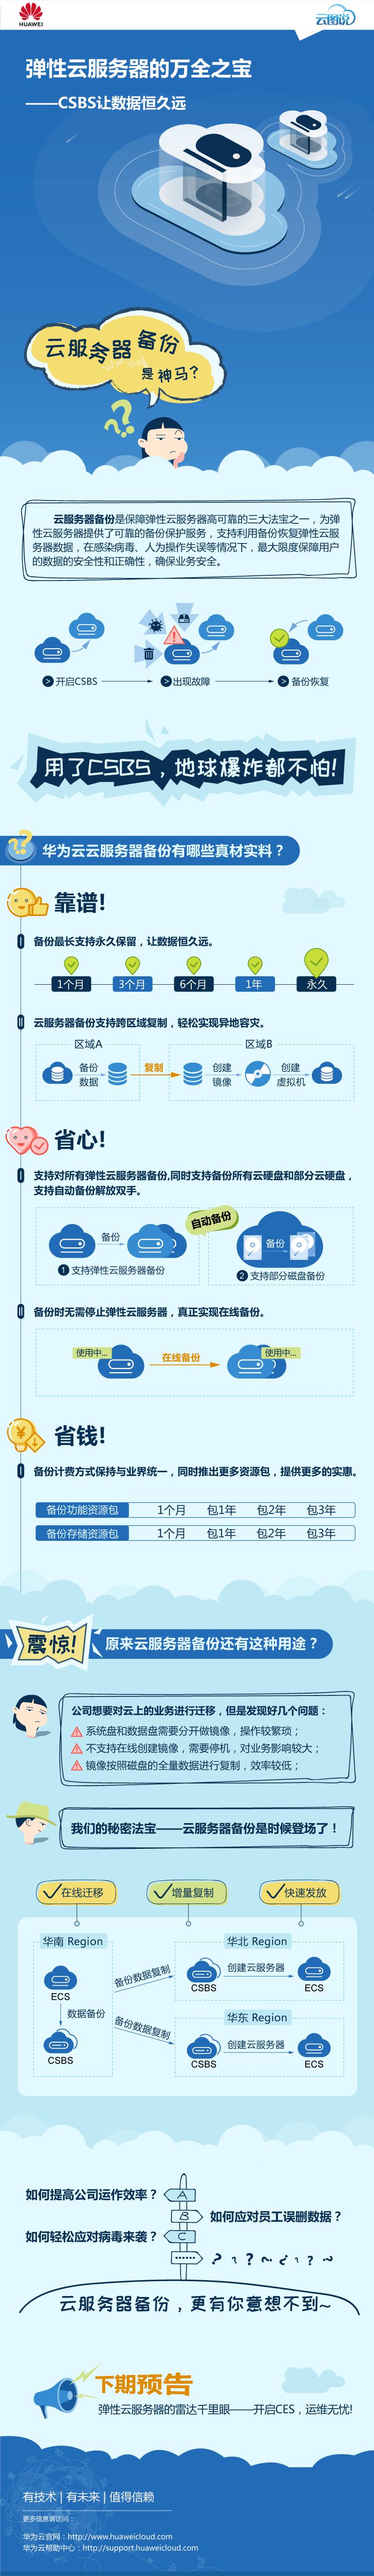 关键数据的万全之宝,华为云云服务器备份让数据恒久远